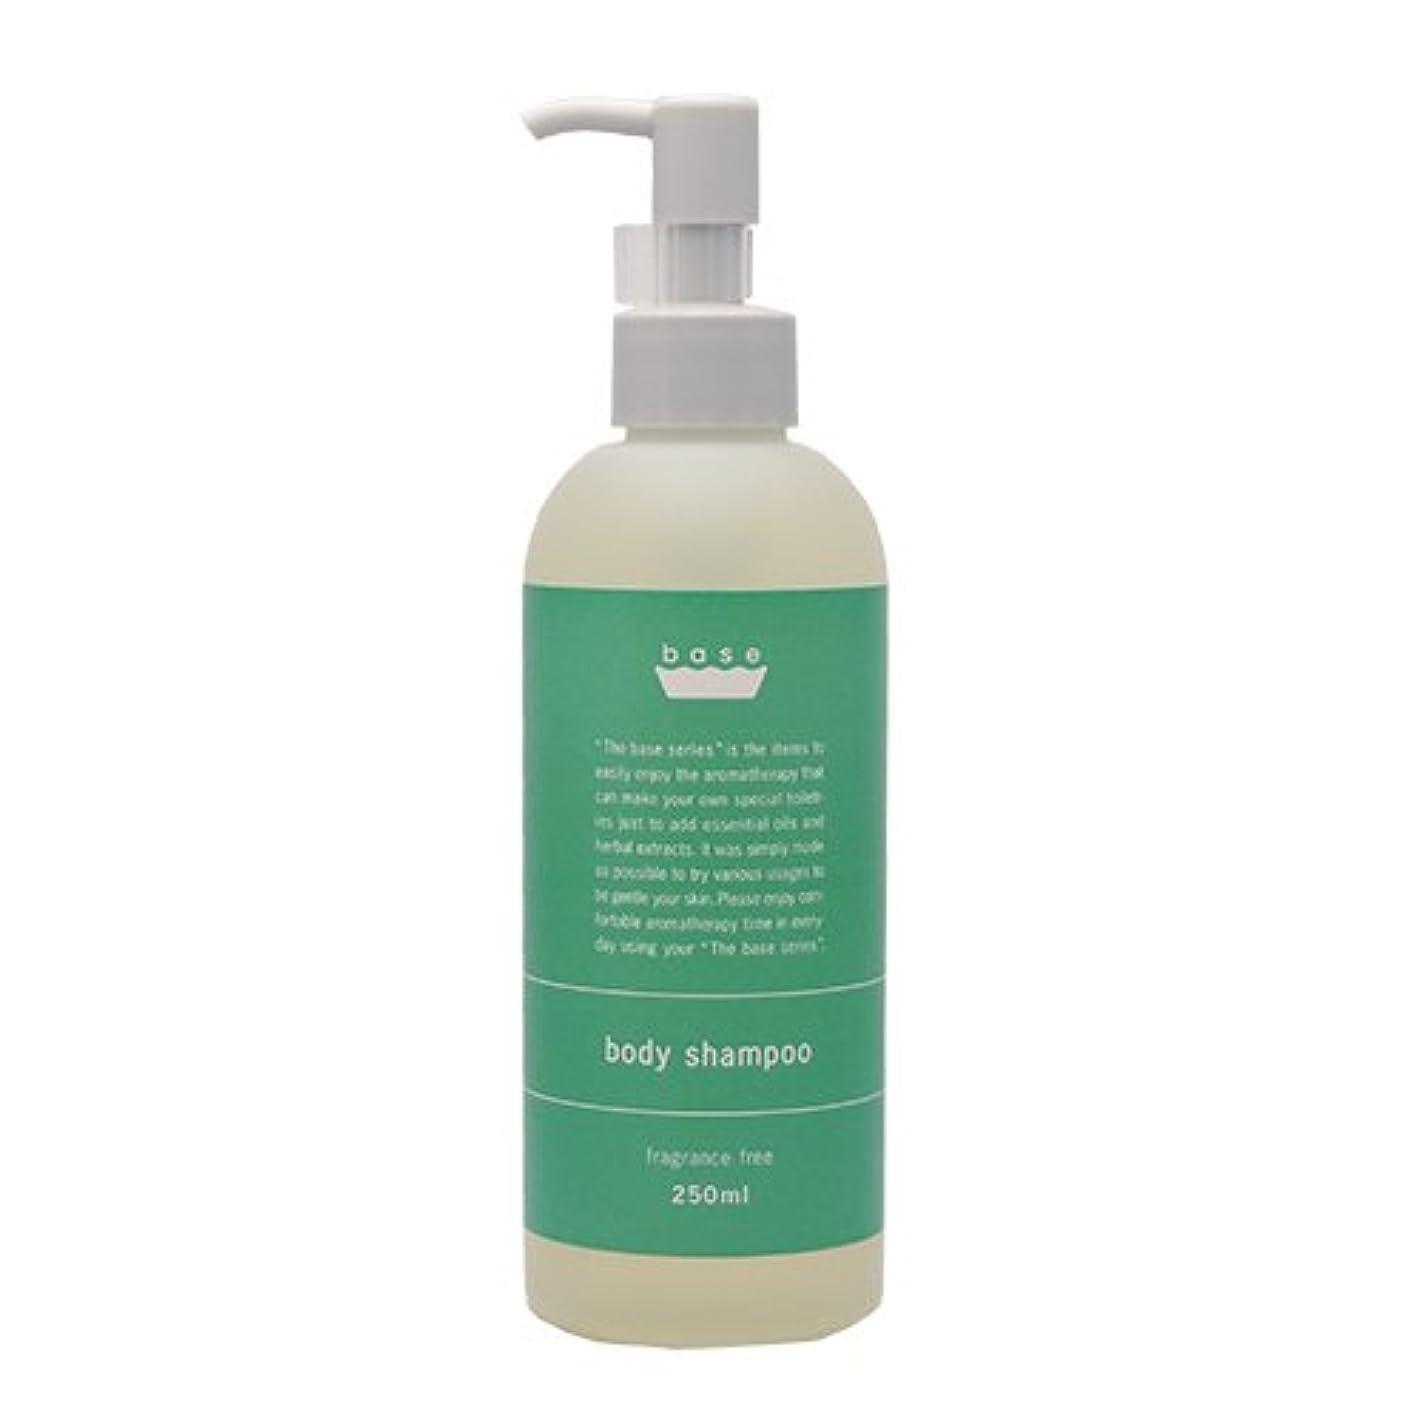 留まる結晶州フレーバーライフ(Flavor Life) フレーバーライフ base body shampoo(ボディーシャンプー)250ml ボディソープ